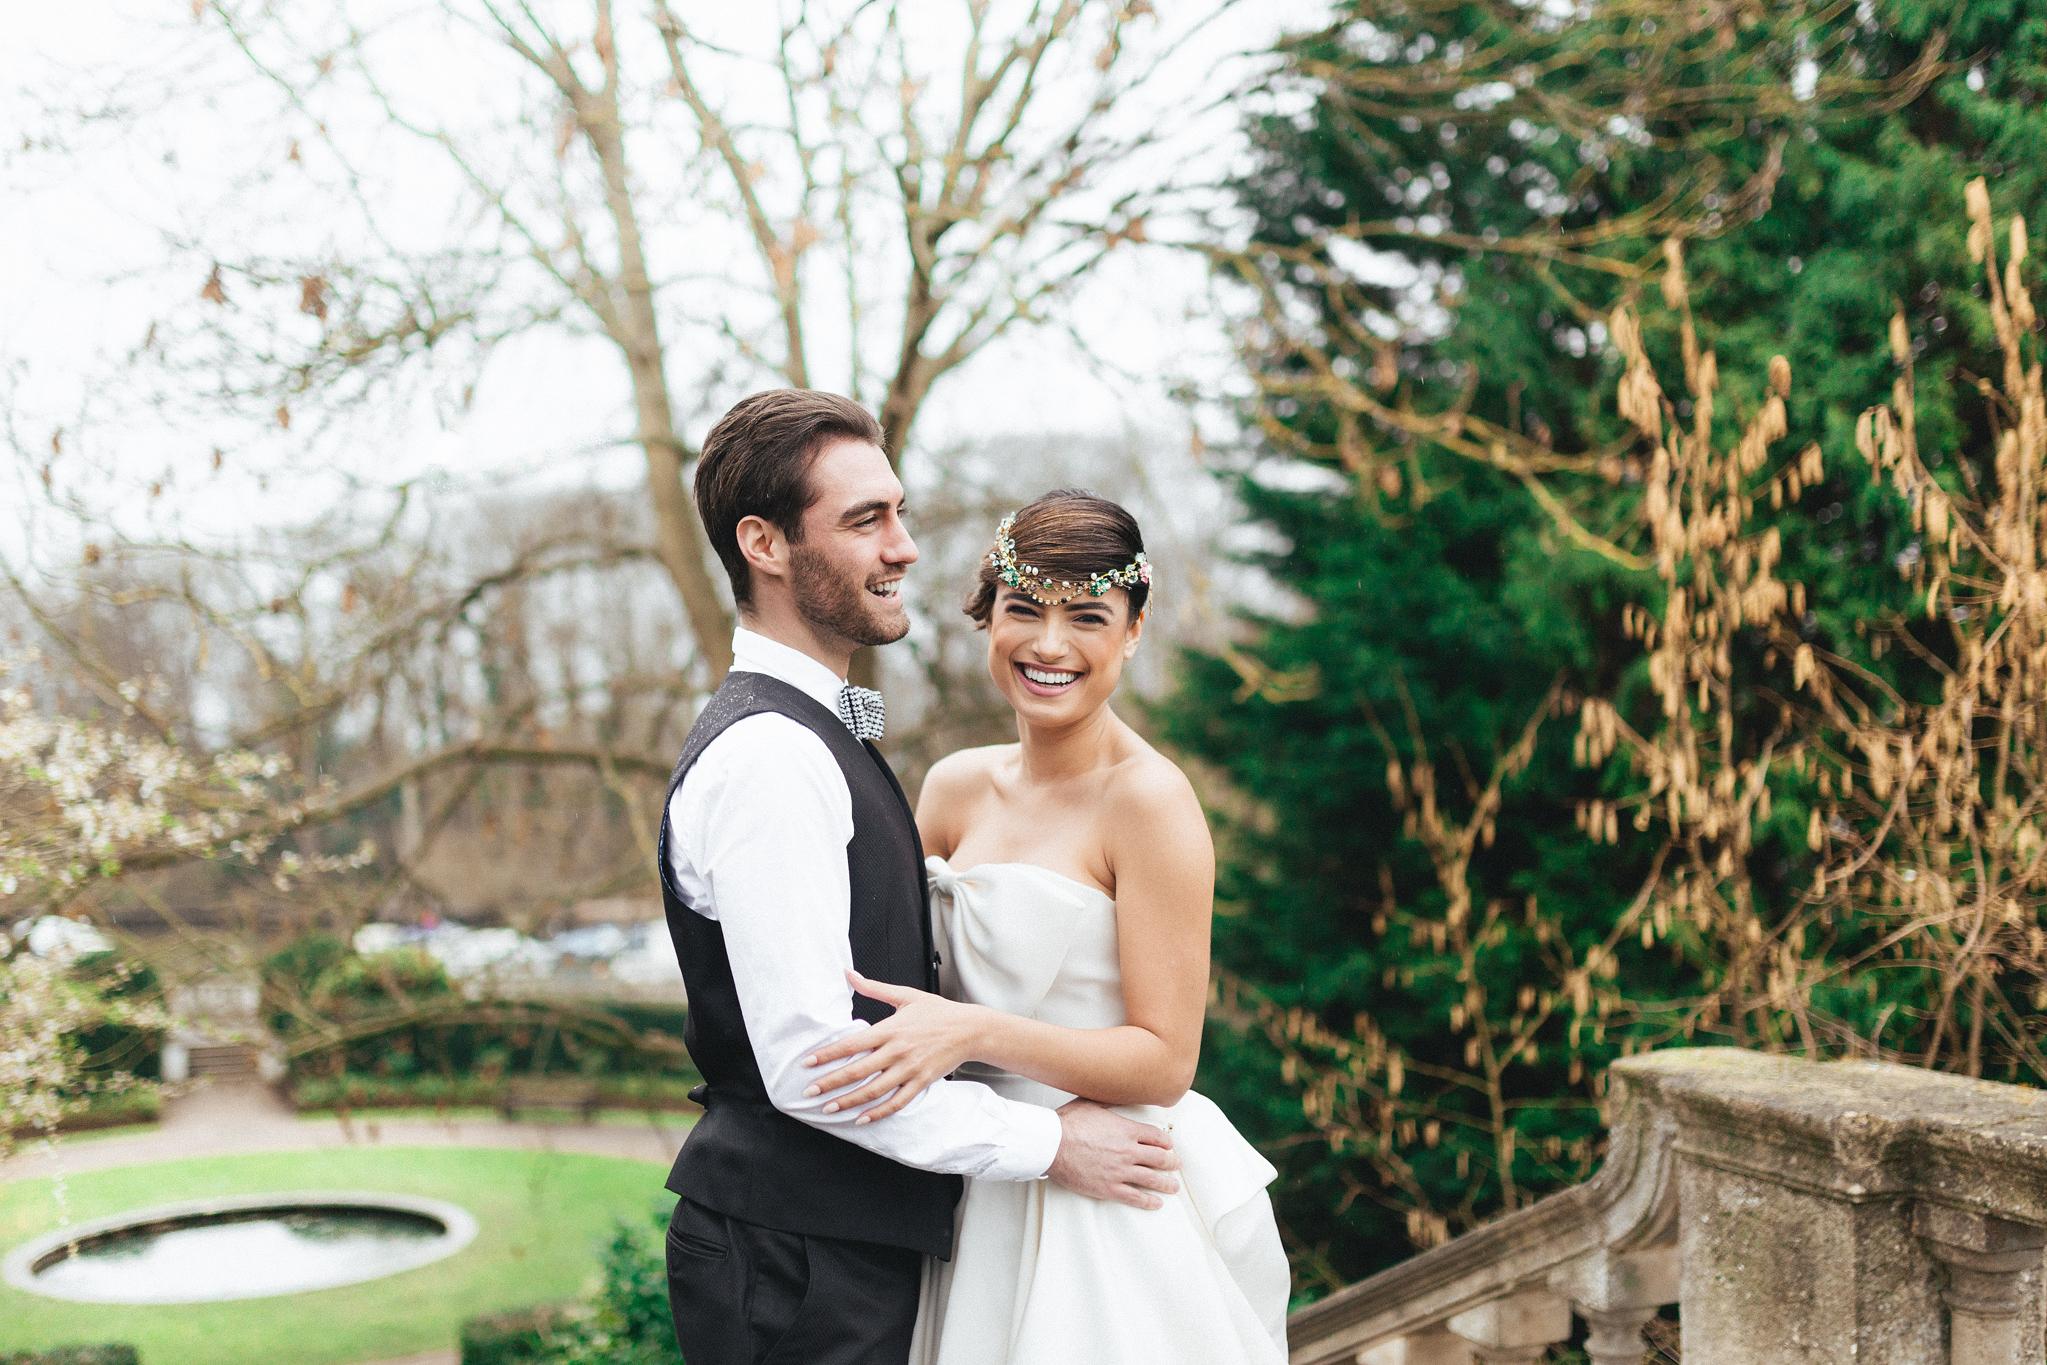 york house twickenham wedding photos couple shots at the garden grounds river